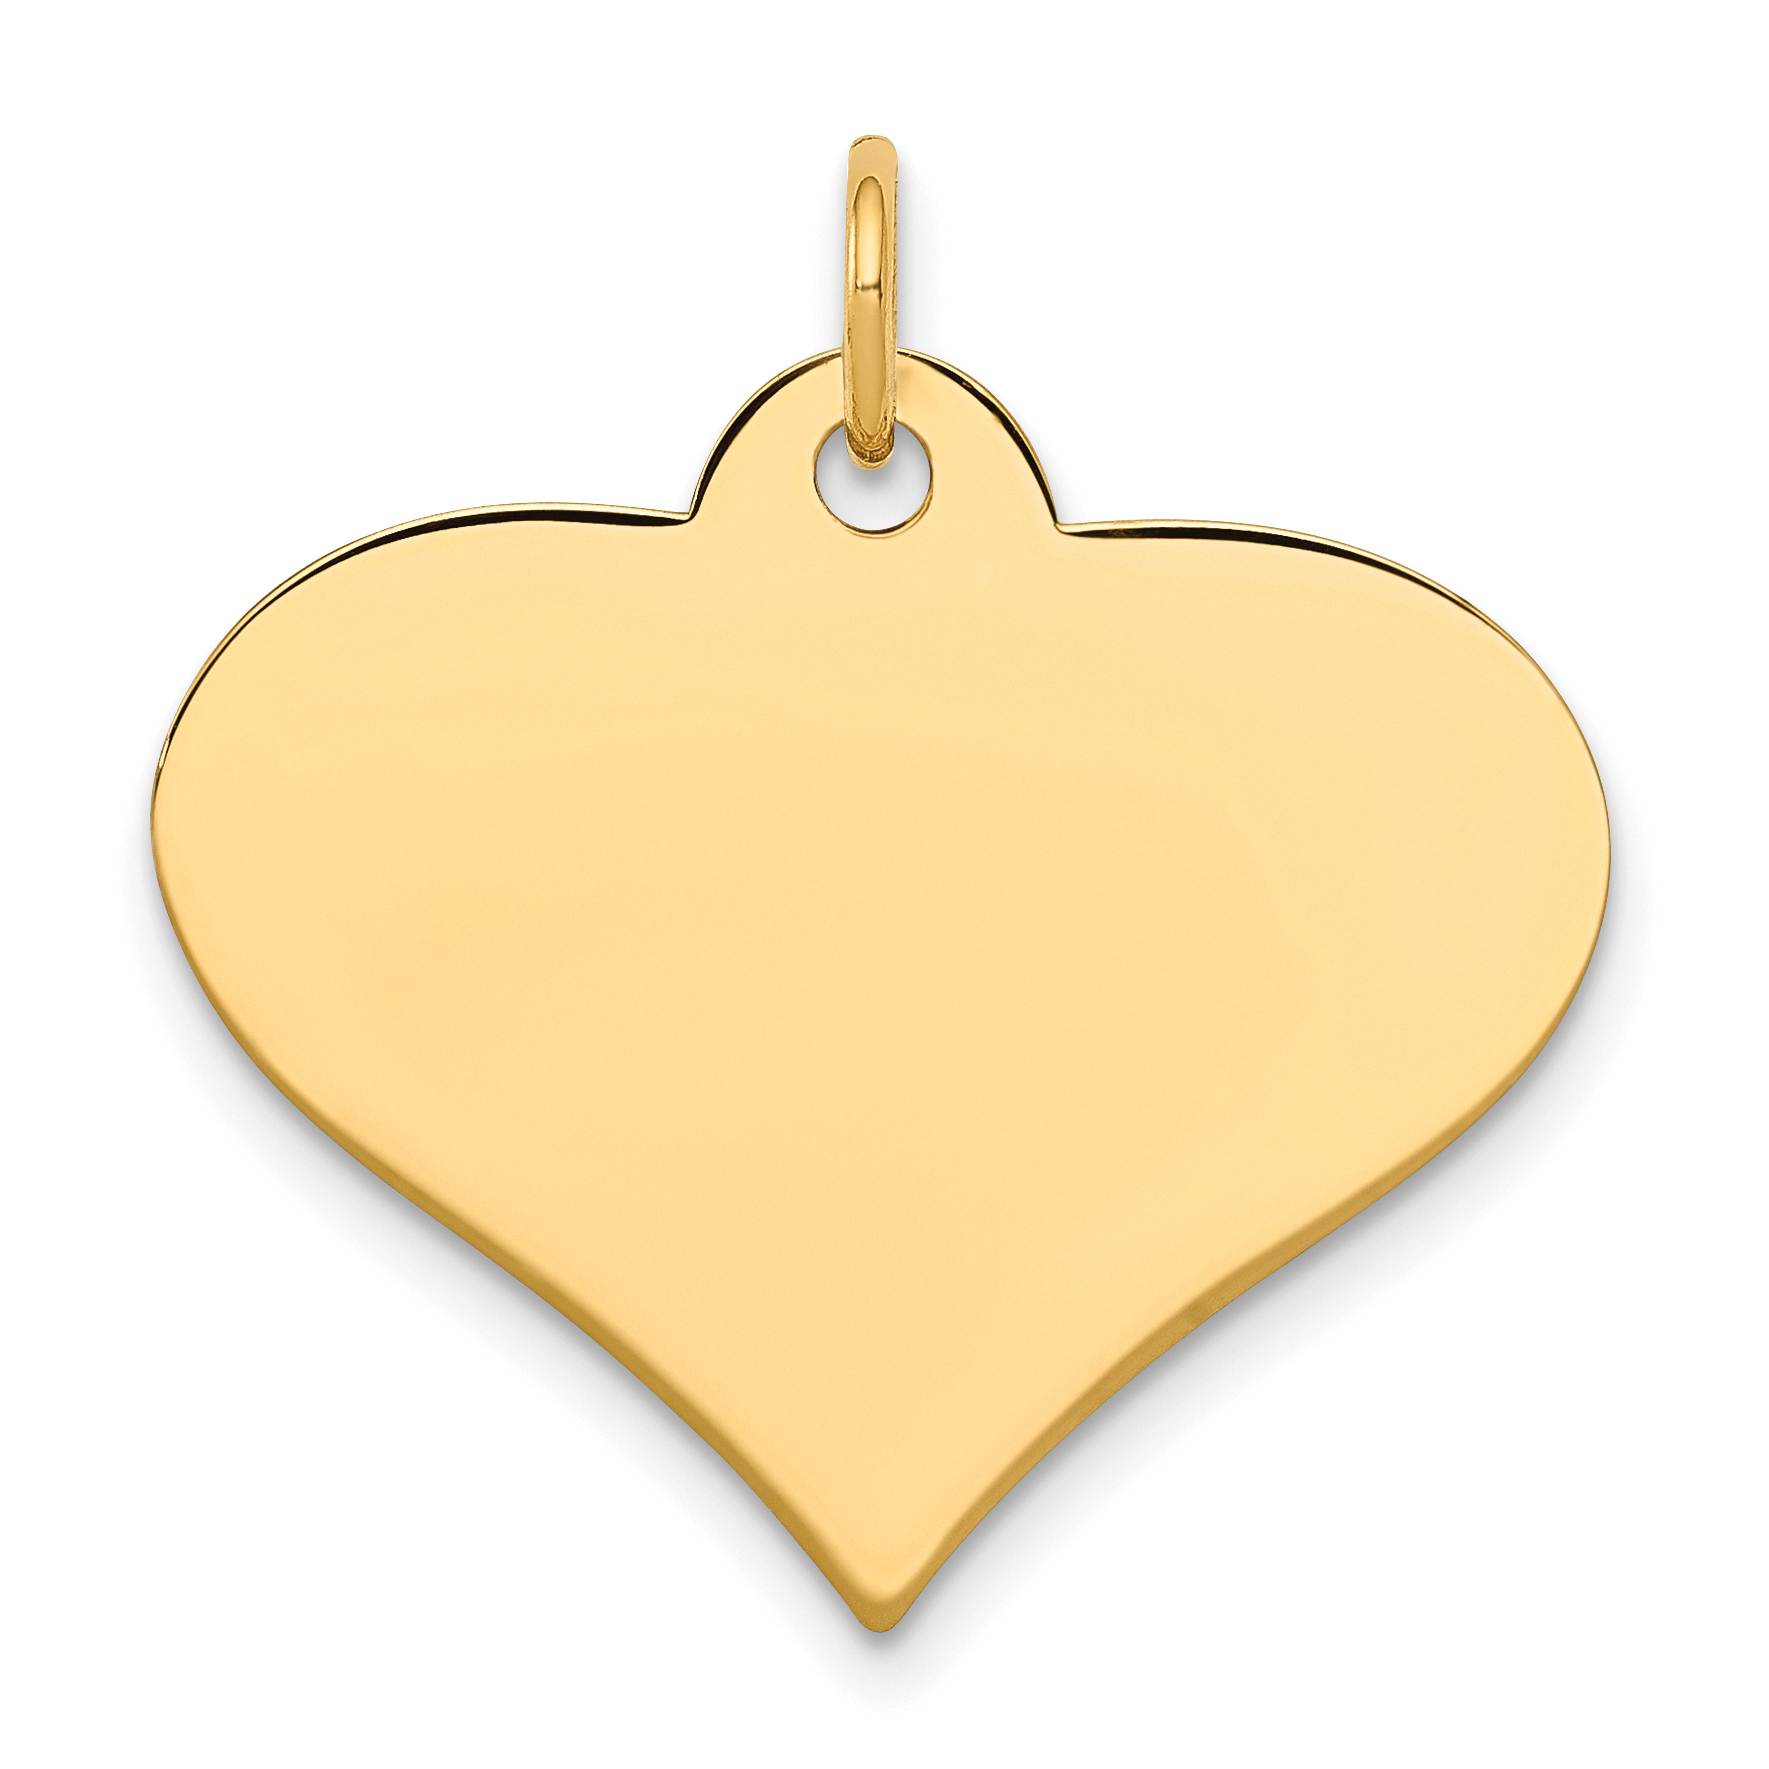 14k Plain .011 Gauge Engravable Heart Disc Charm